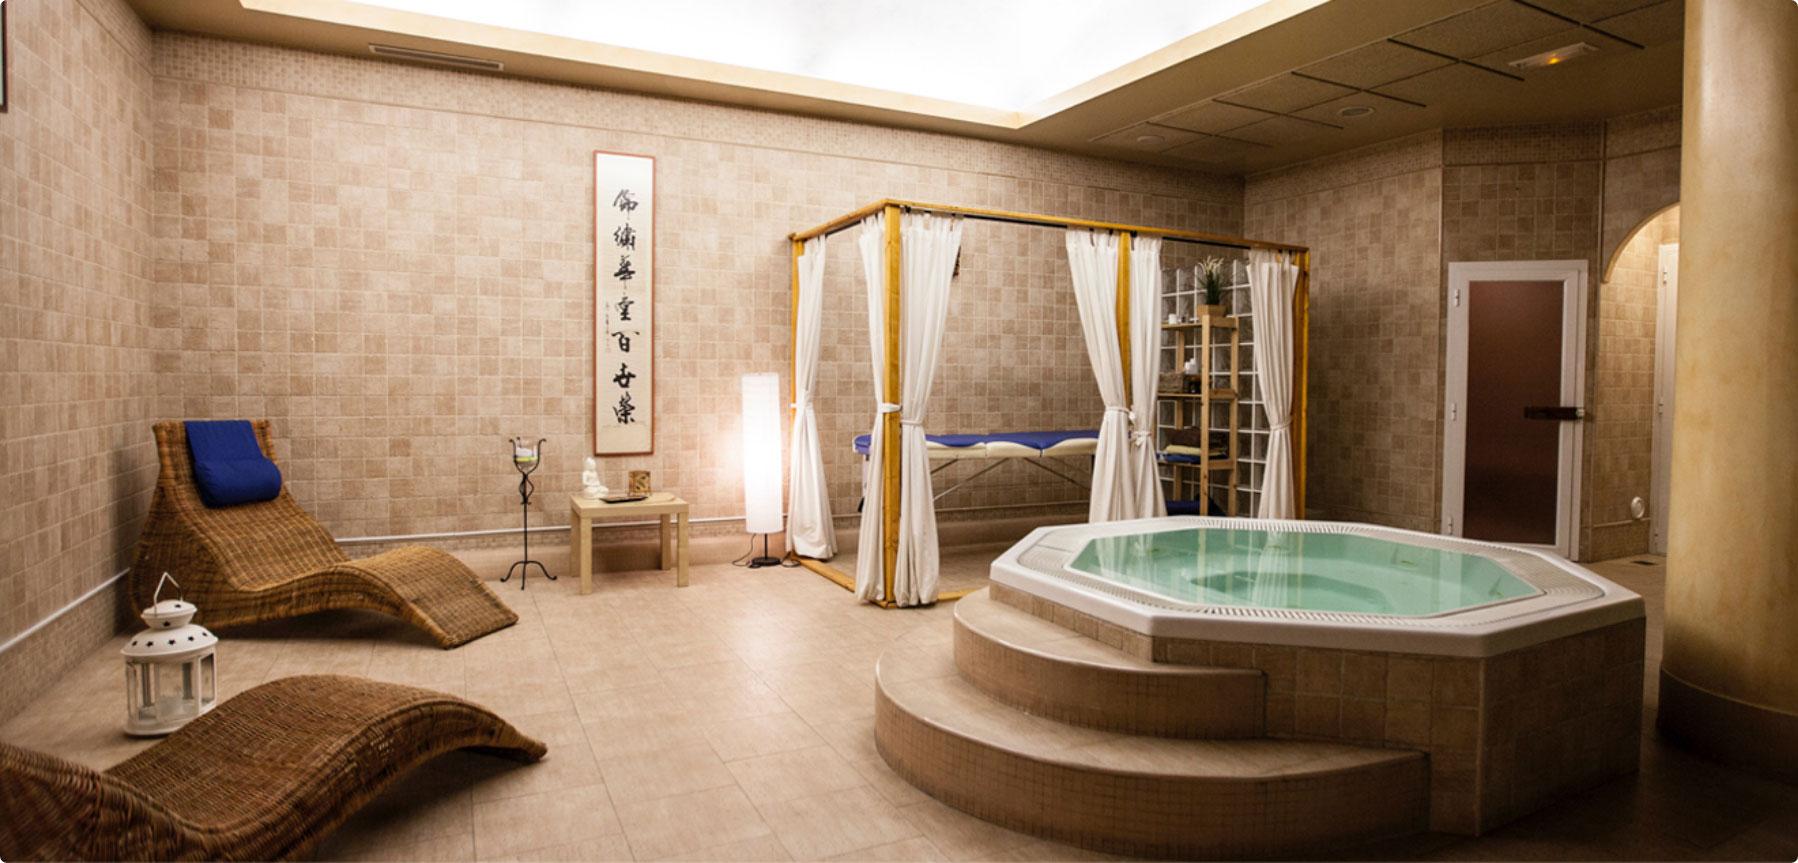 bunkay-instalaciones-spa